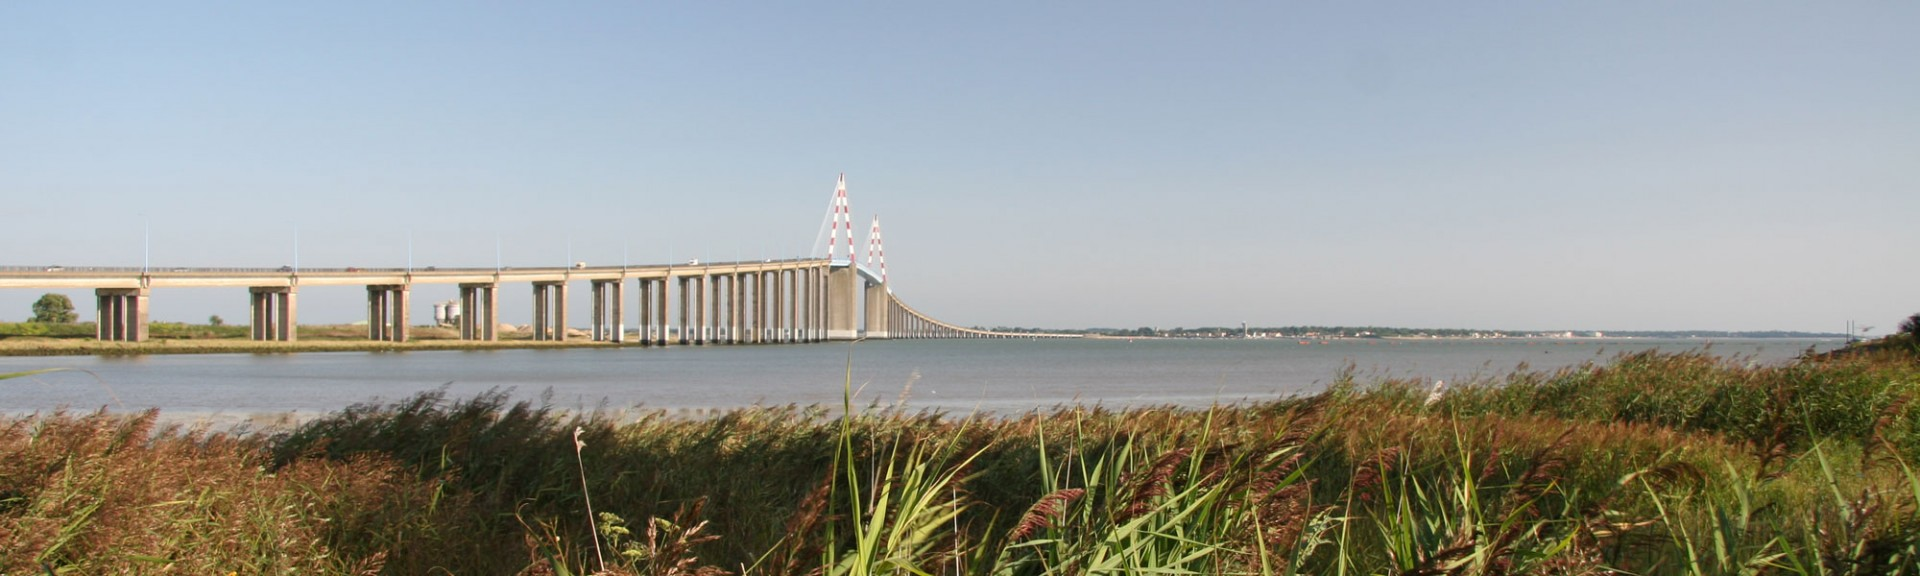 diapo-pont-2000-600-27